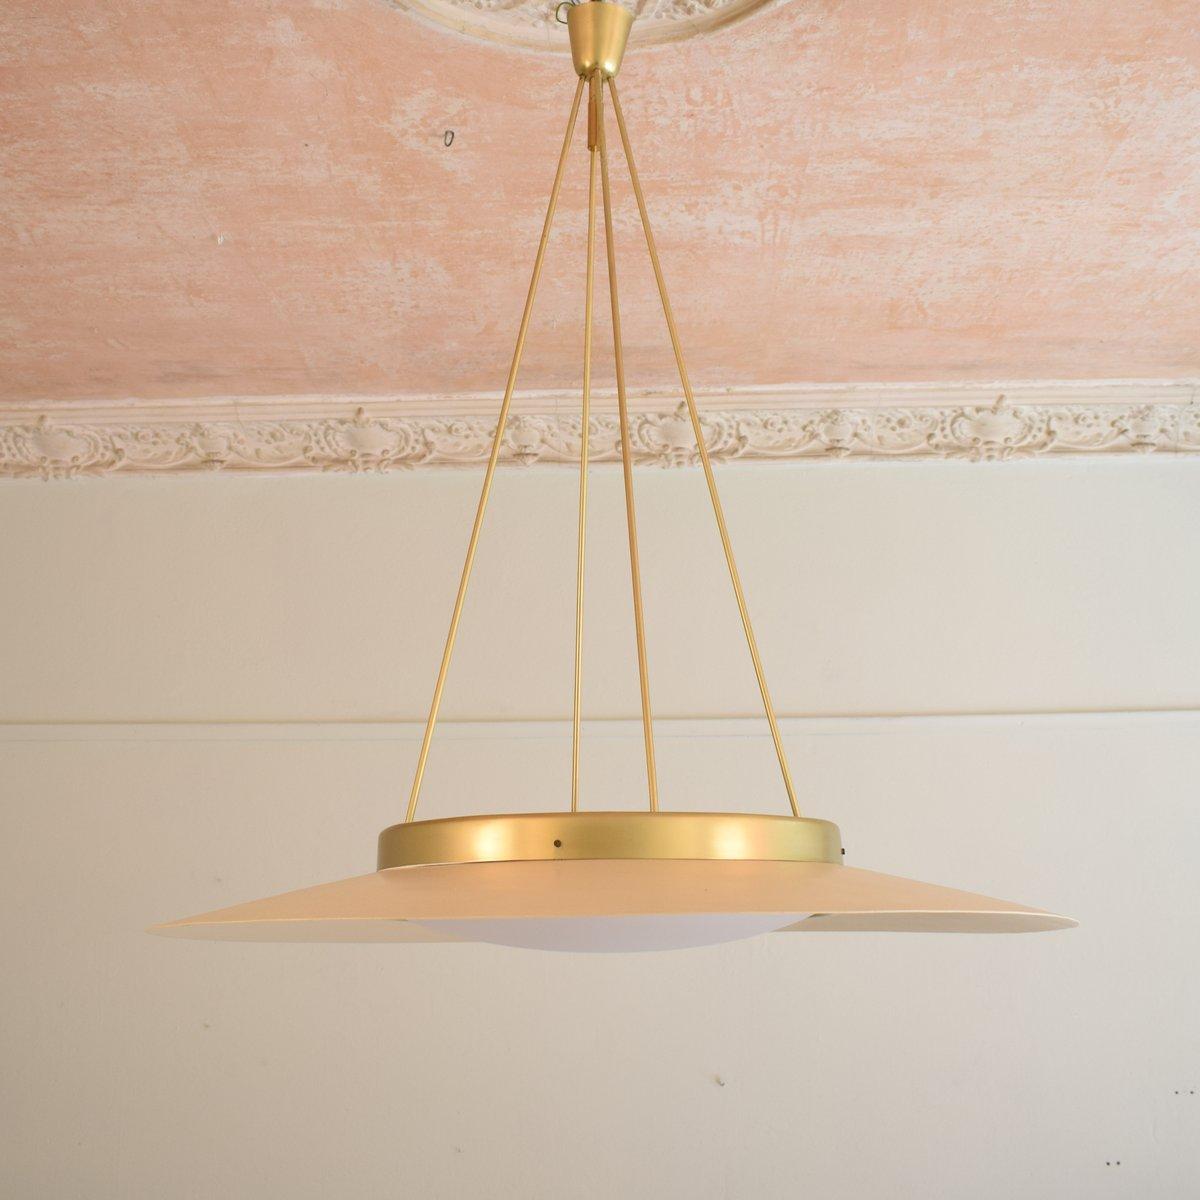 Italienische Deckenlampe aus lackiertem Metall & Messing, 1950er